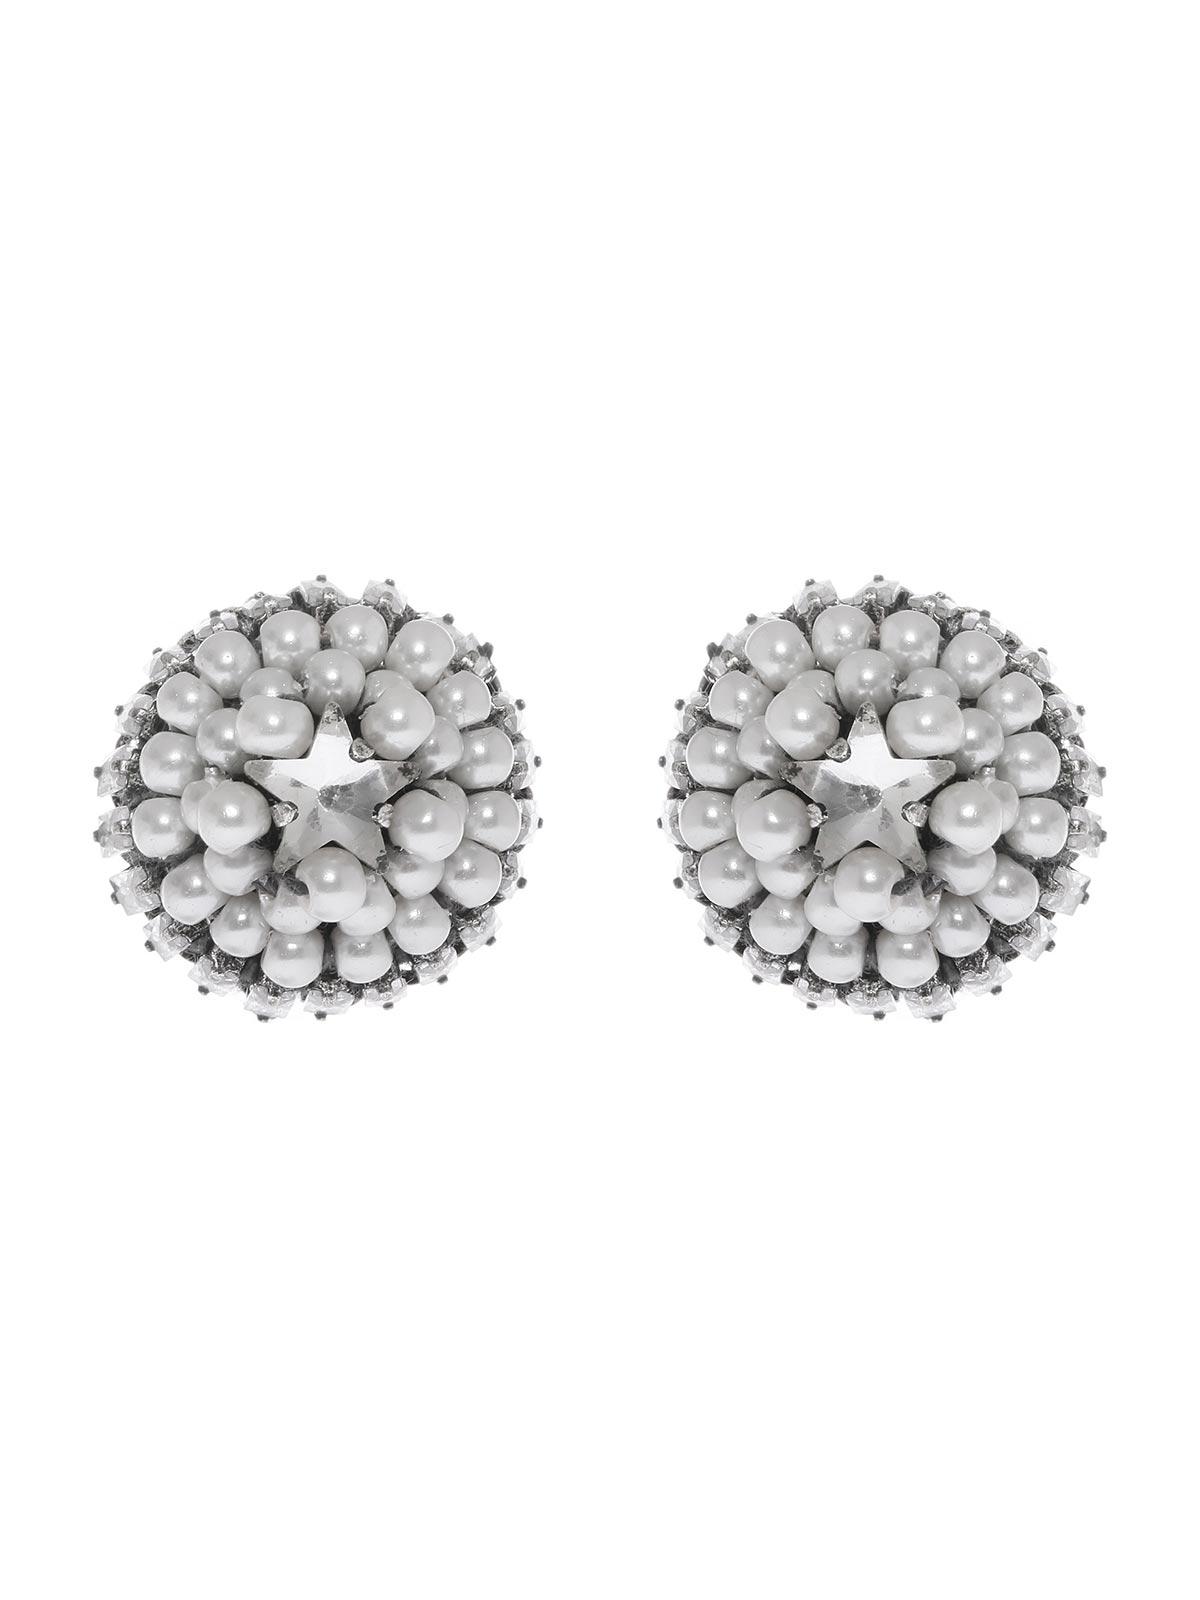 Orecchini a bottone decorati con perle e cristalli